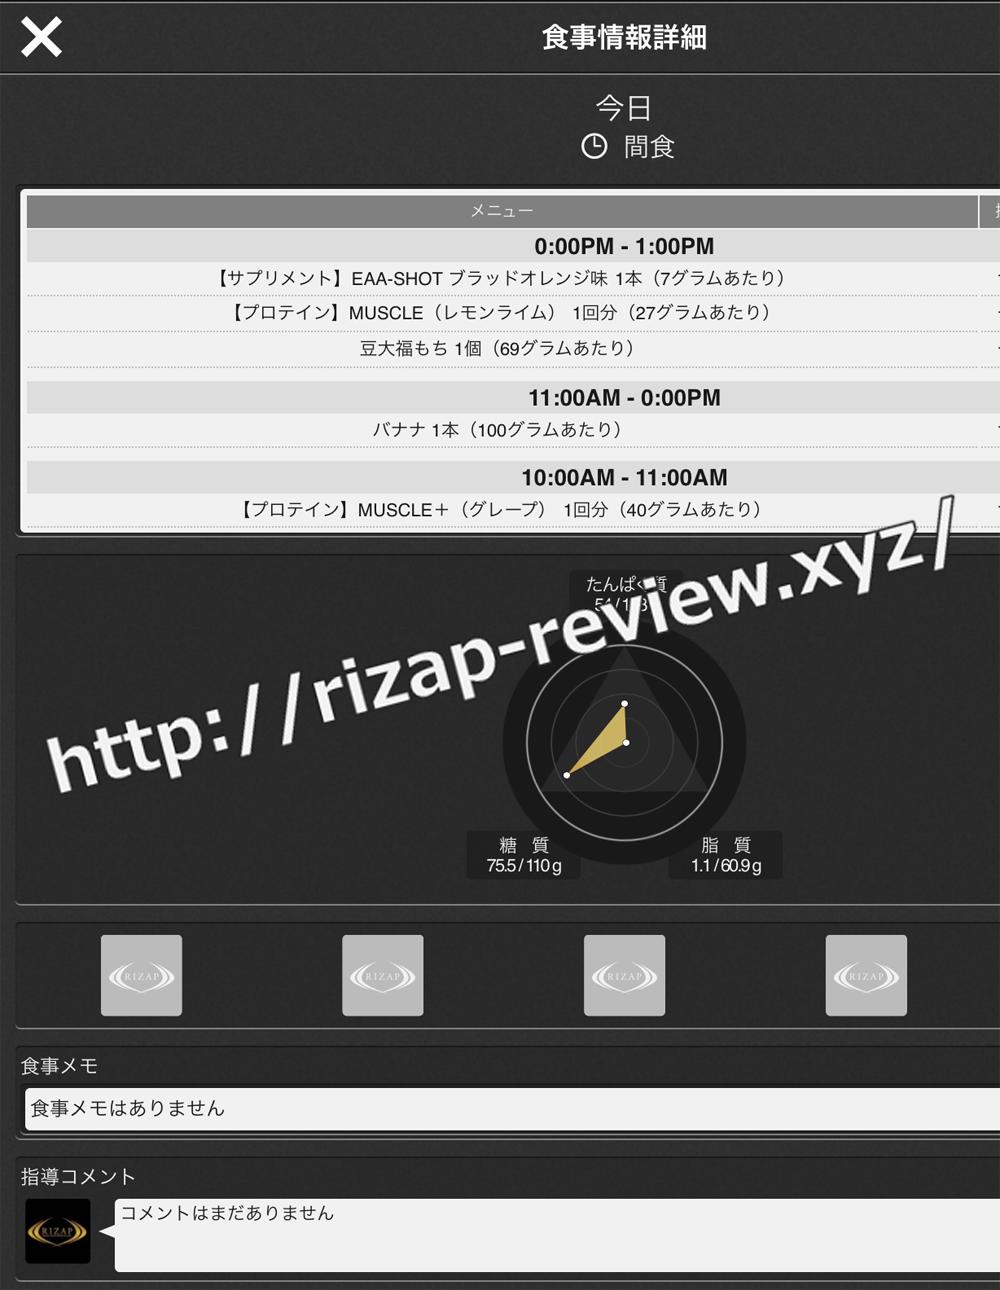 2018.12.14(金)ライザップ流の間食